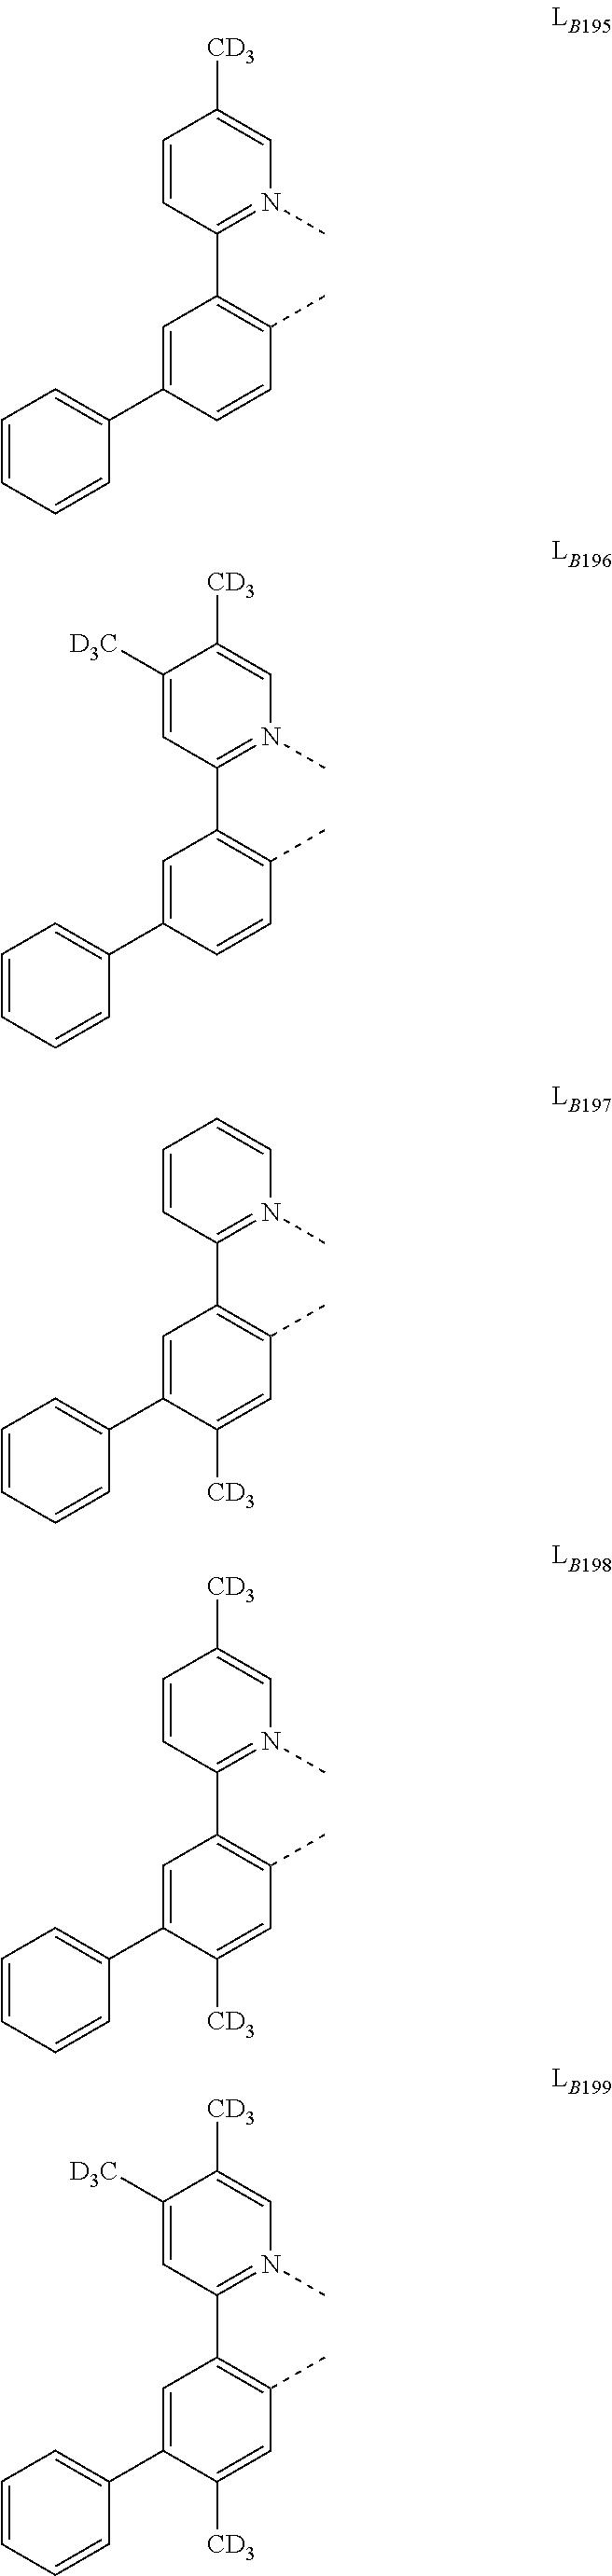 Figure US20180130962A1-20180510-C00299